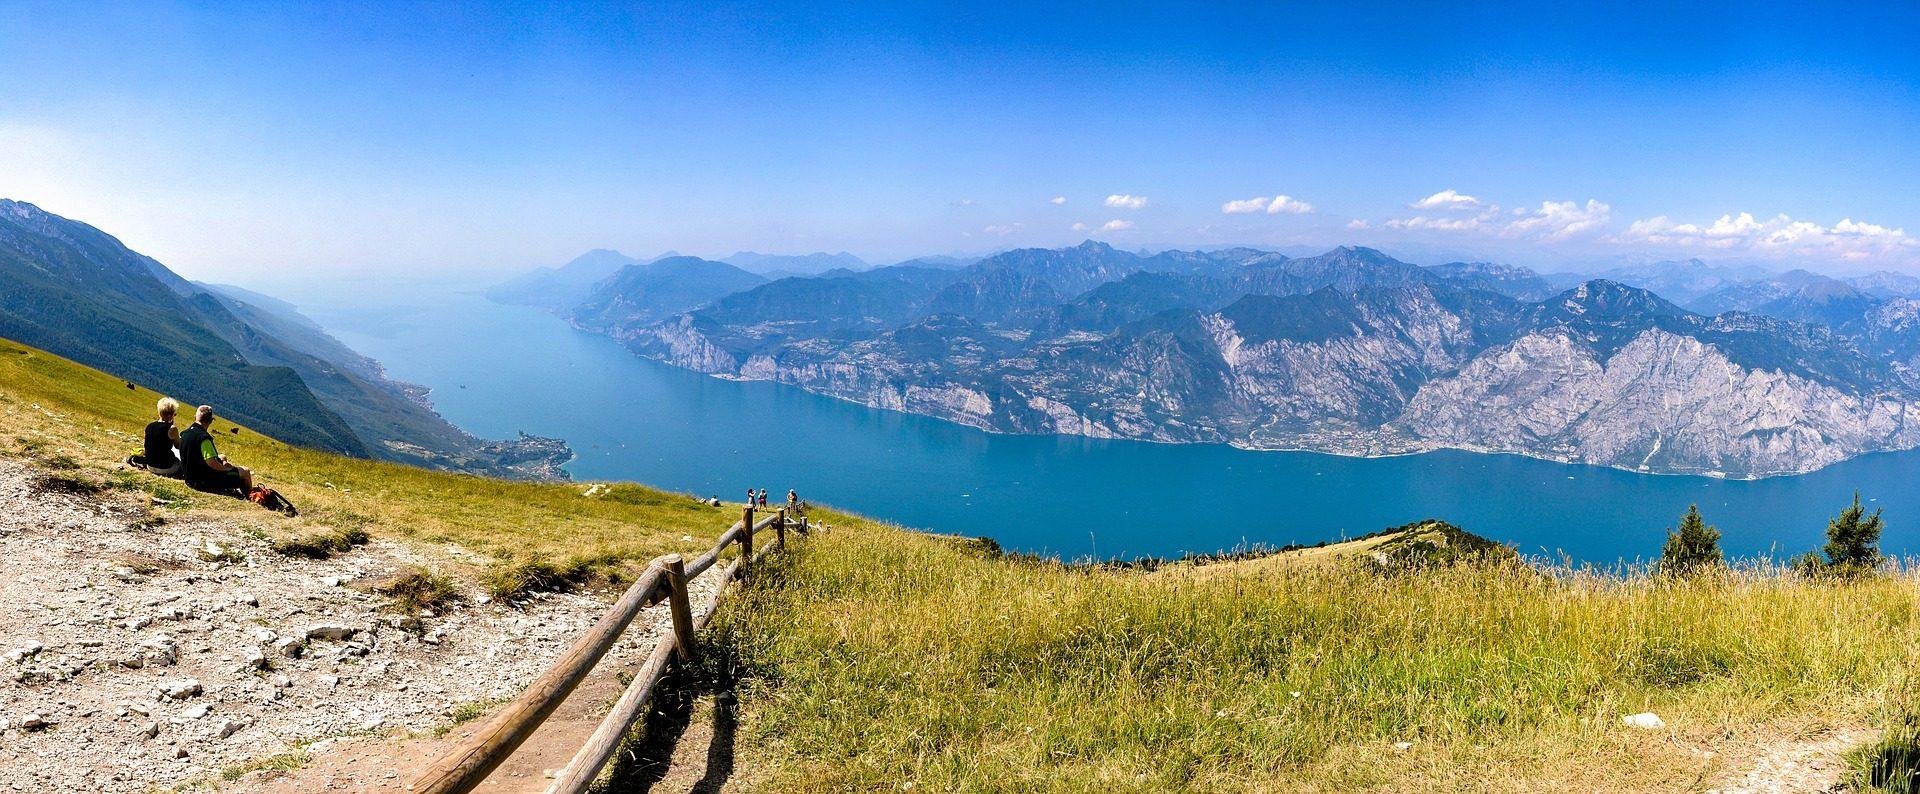 τοπίο, πανοραμική, Κοιλάδα, Ποταμός, Montañas, σύννεφα - Wallpapers HD - Professor-falken.com